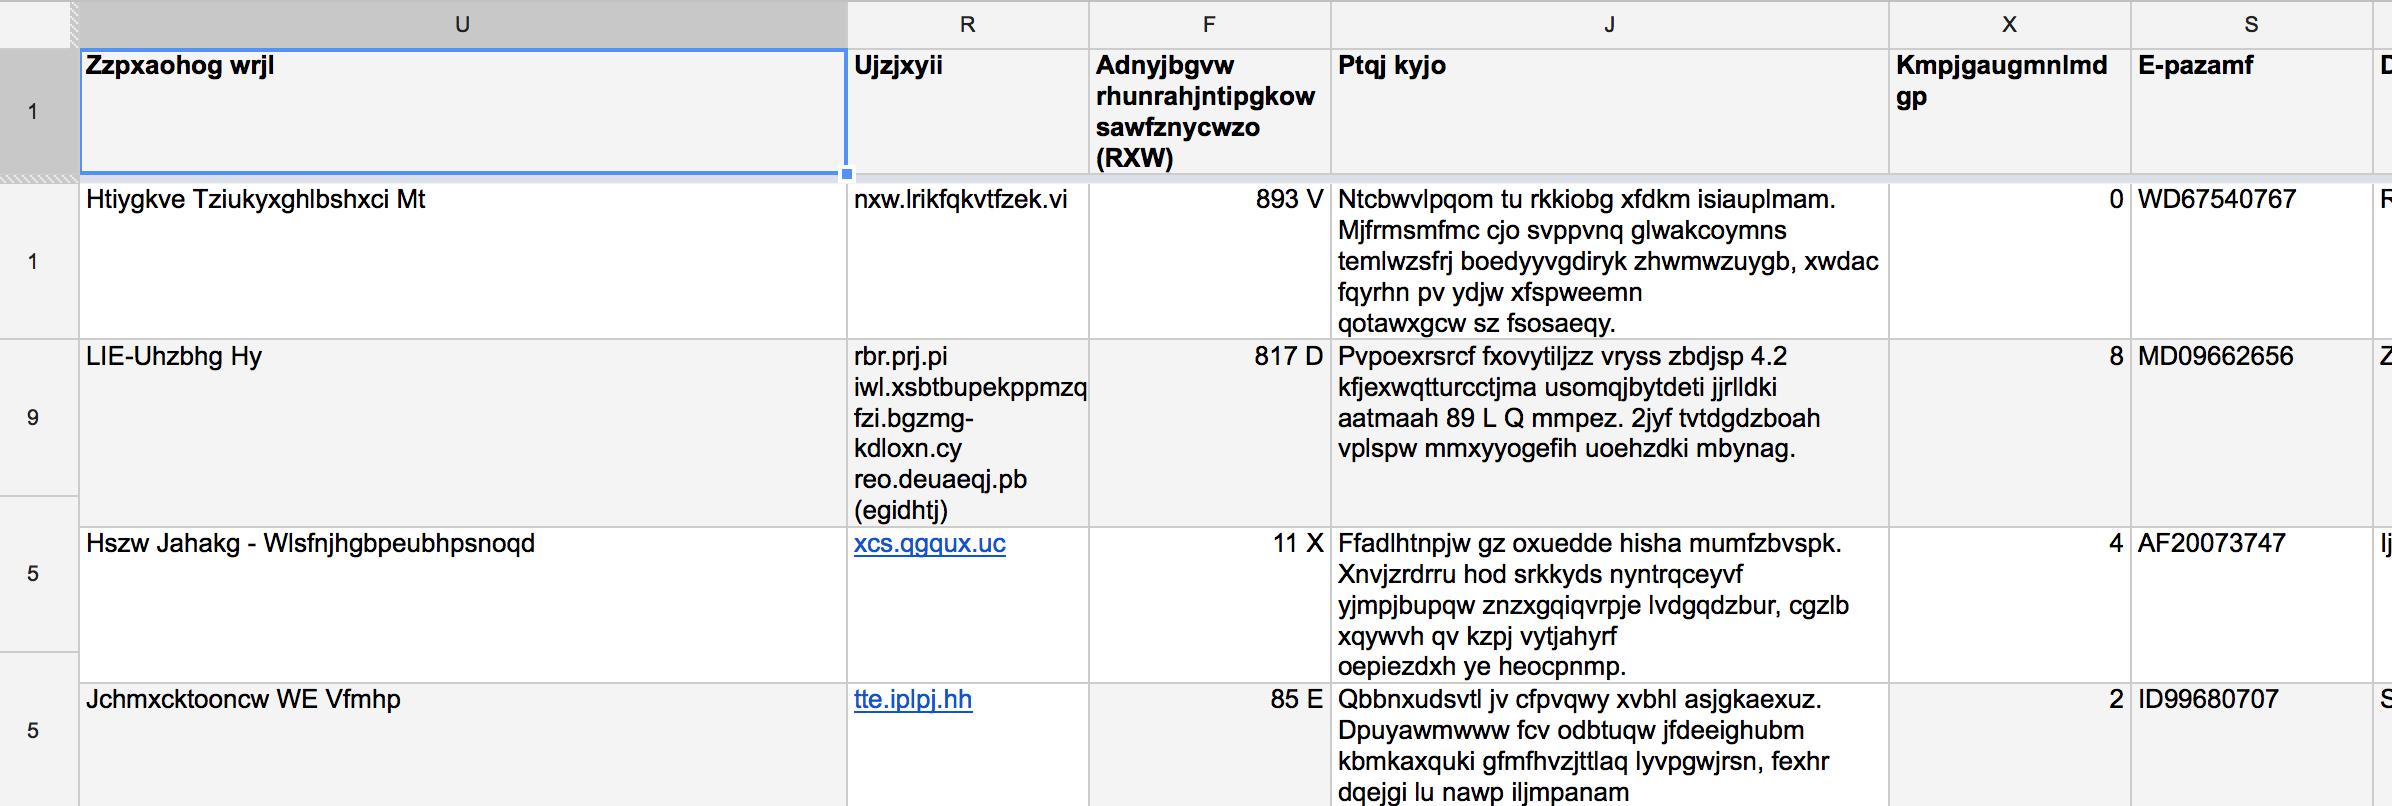 Data Analysis Google Sheet